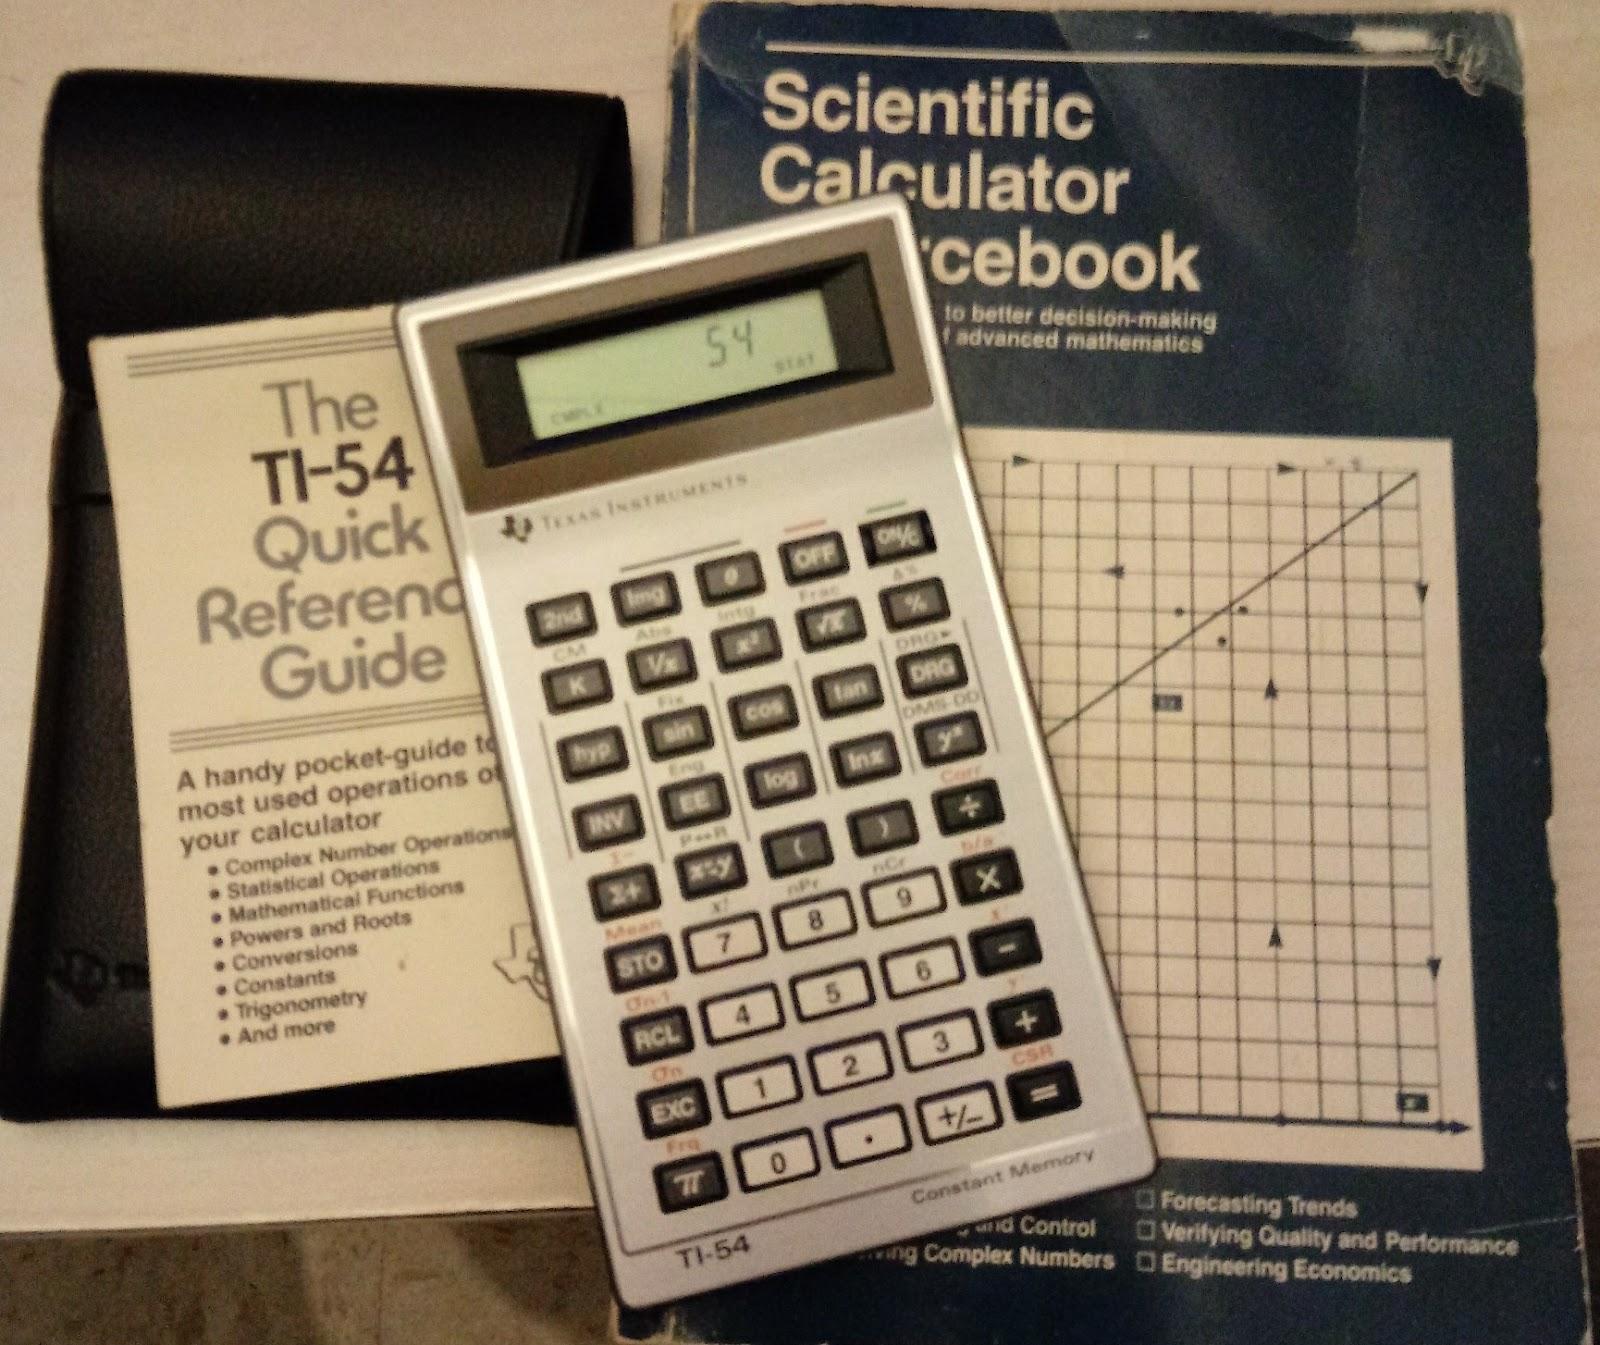 eddie s math and calculator blog retro review texas instruments ti 54 rh edspi31415 blogspot com Function Operation Calculator Calculator Operations Name